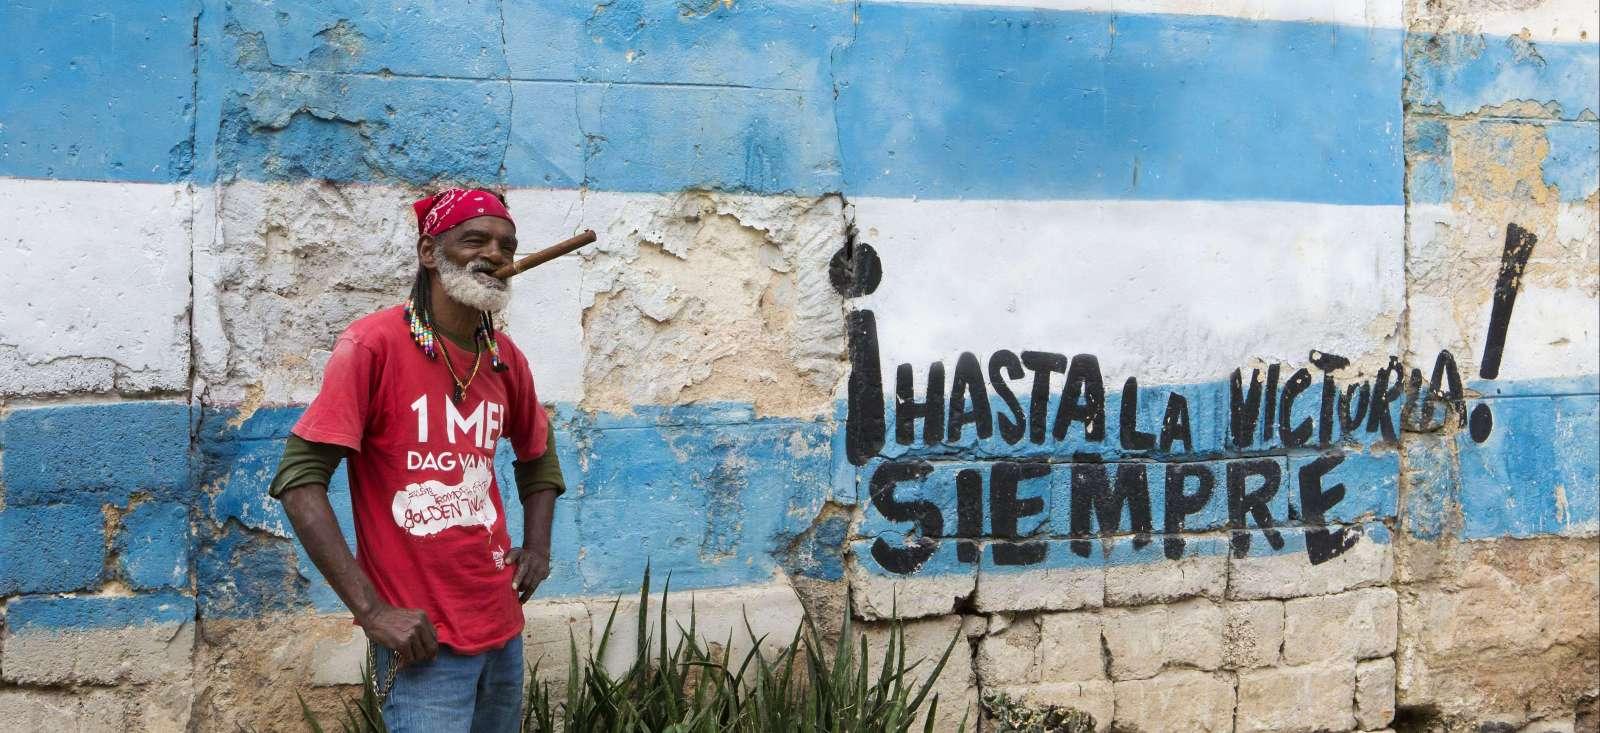 Voyage en véhicule Cuba : Bienvenue chez Guevara !